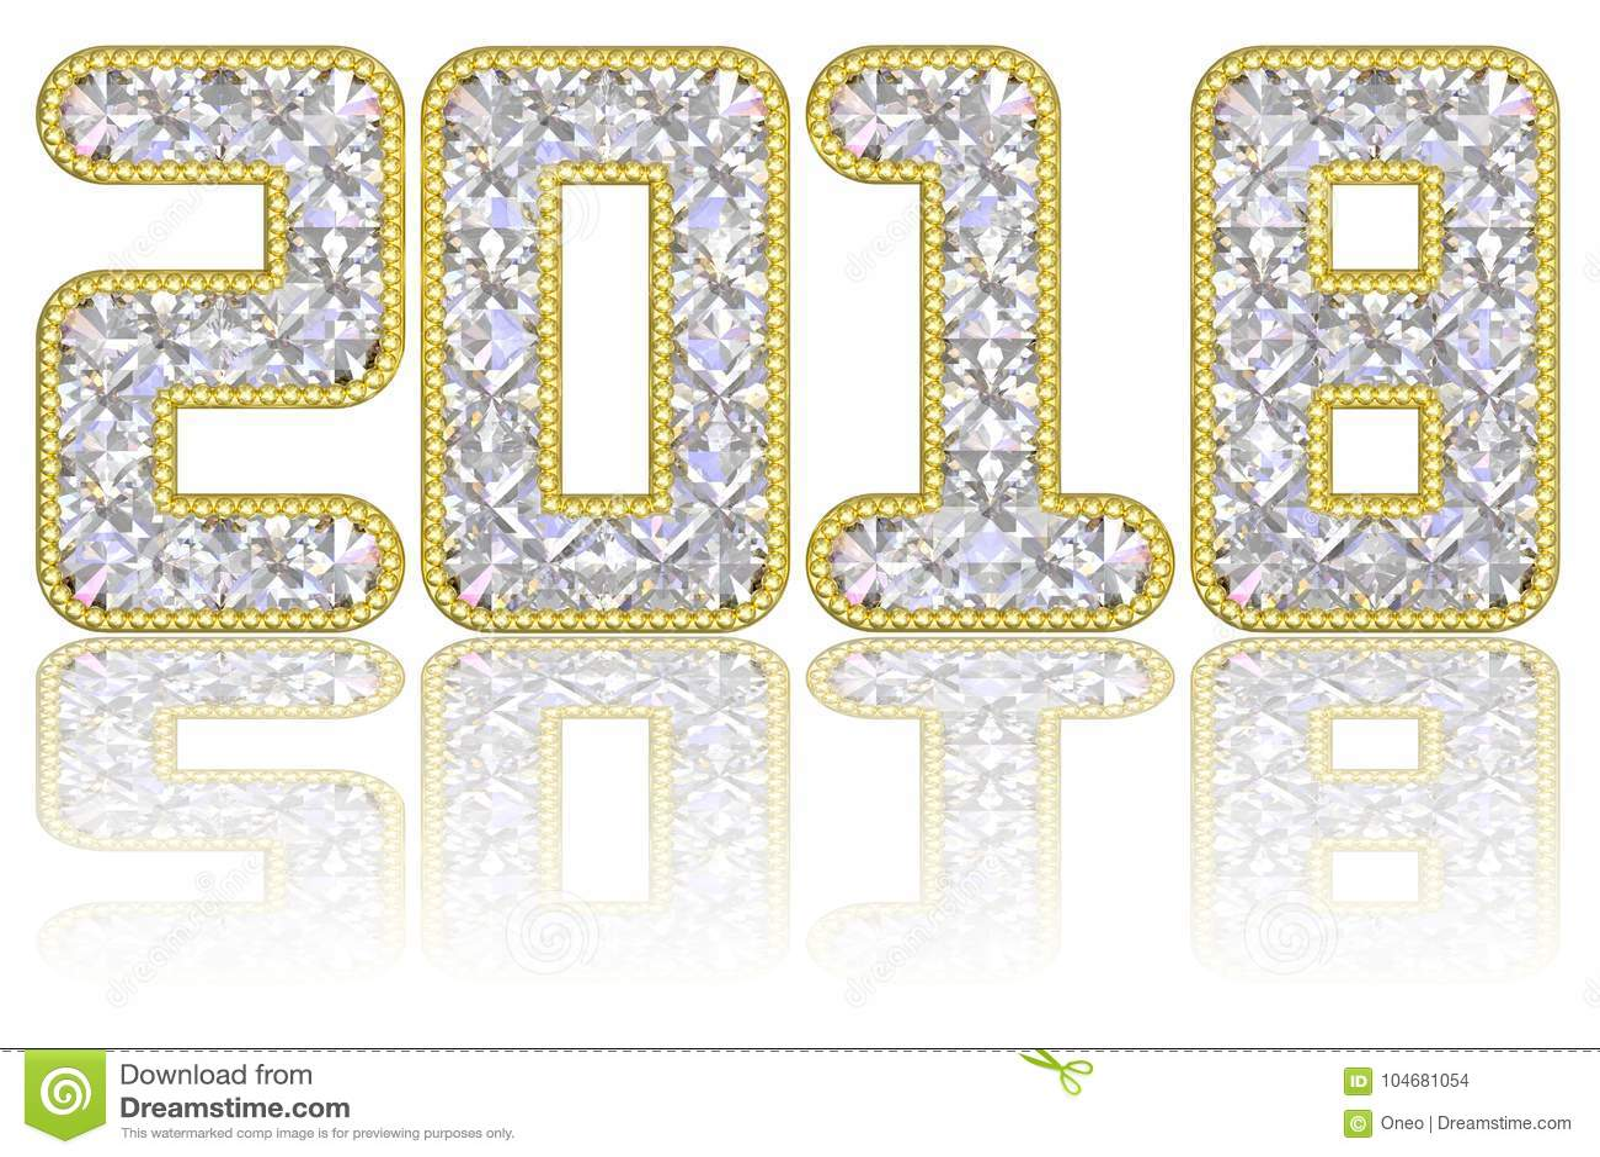 2018 ψηφία που αποτελούνται από τους πολύτιμους λίθους στο χρυσό πλαίσιο στο στιλπνό άσπρο υπόβαθρο